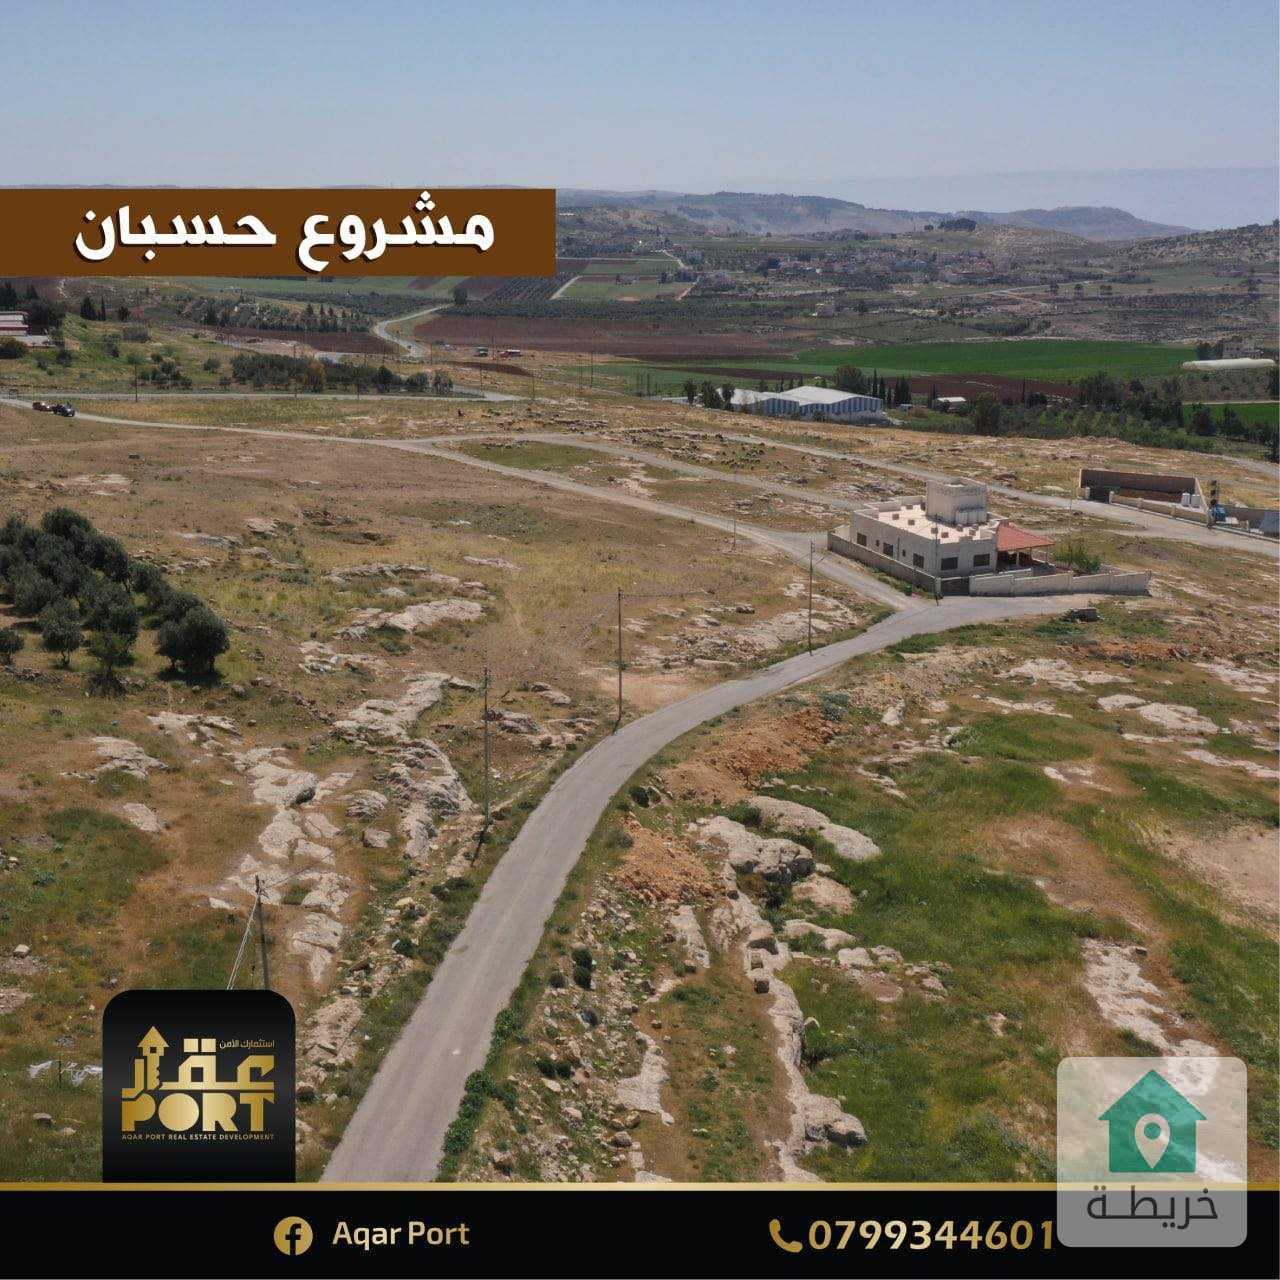 أرض مميزة للبيع في حسبان تابعة لأراضي ناعور و بإطلالة رائعة